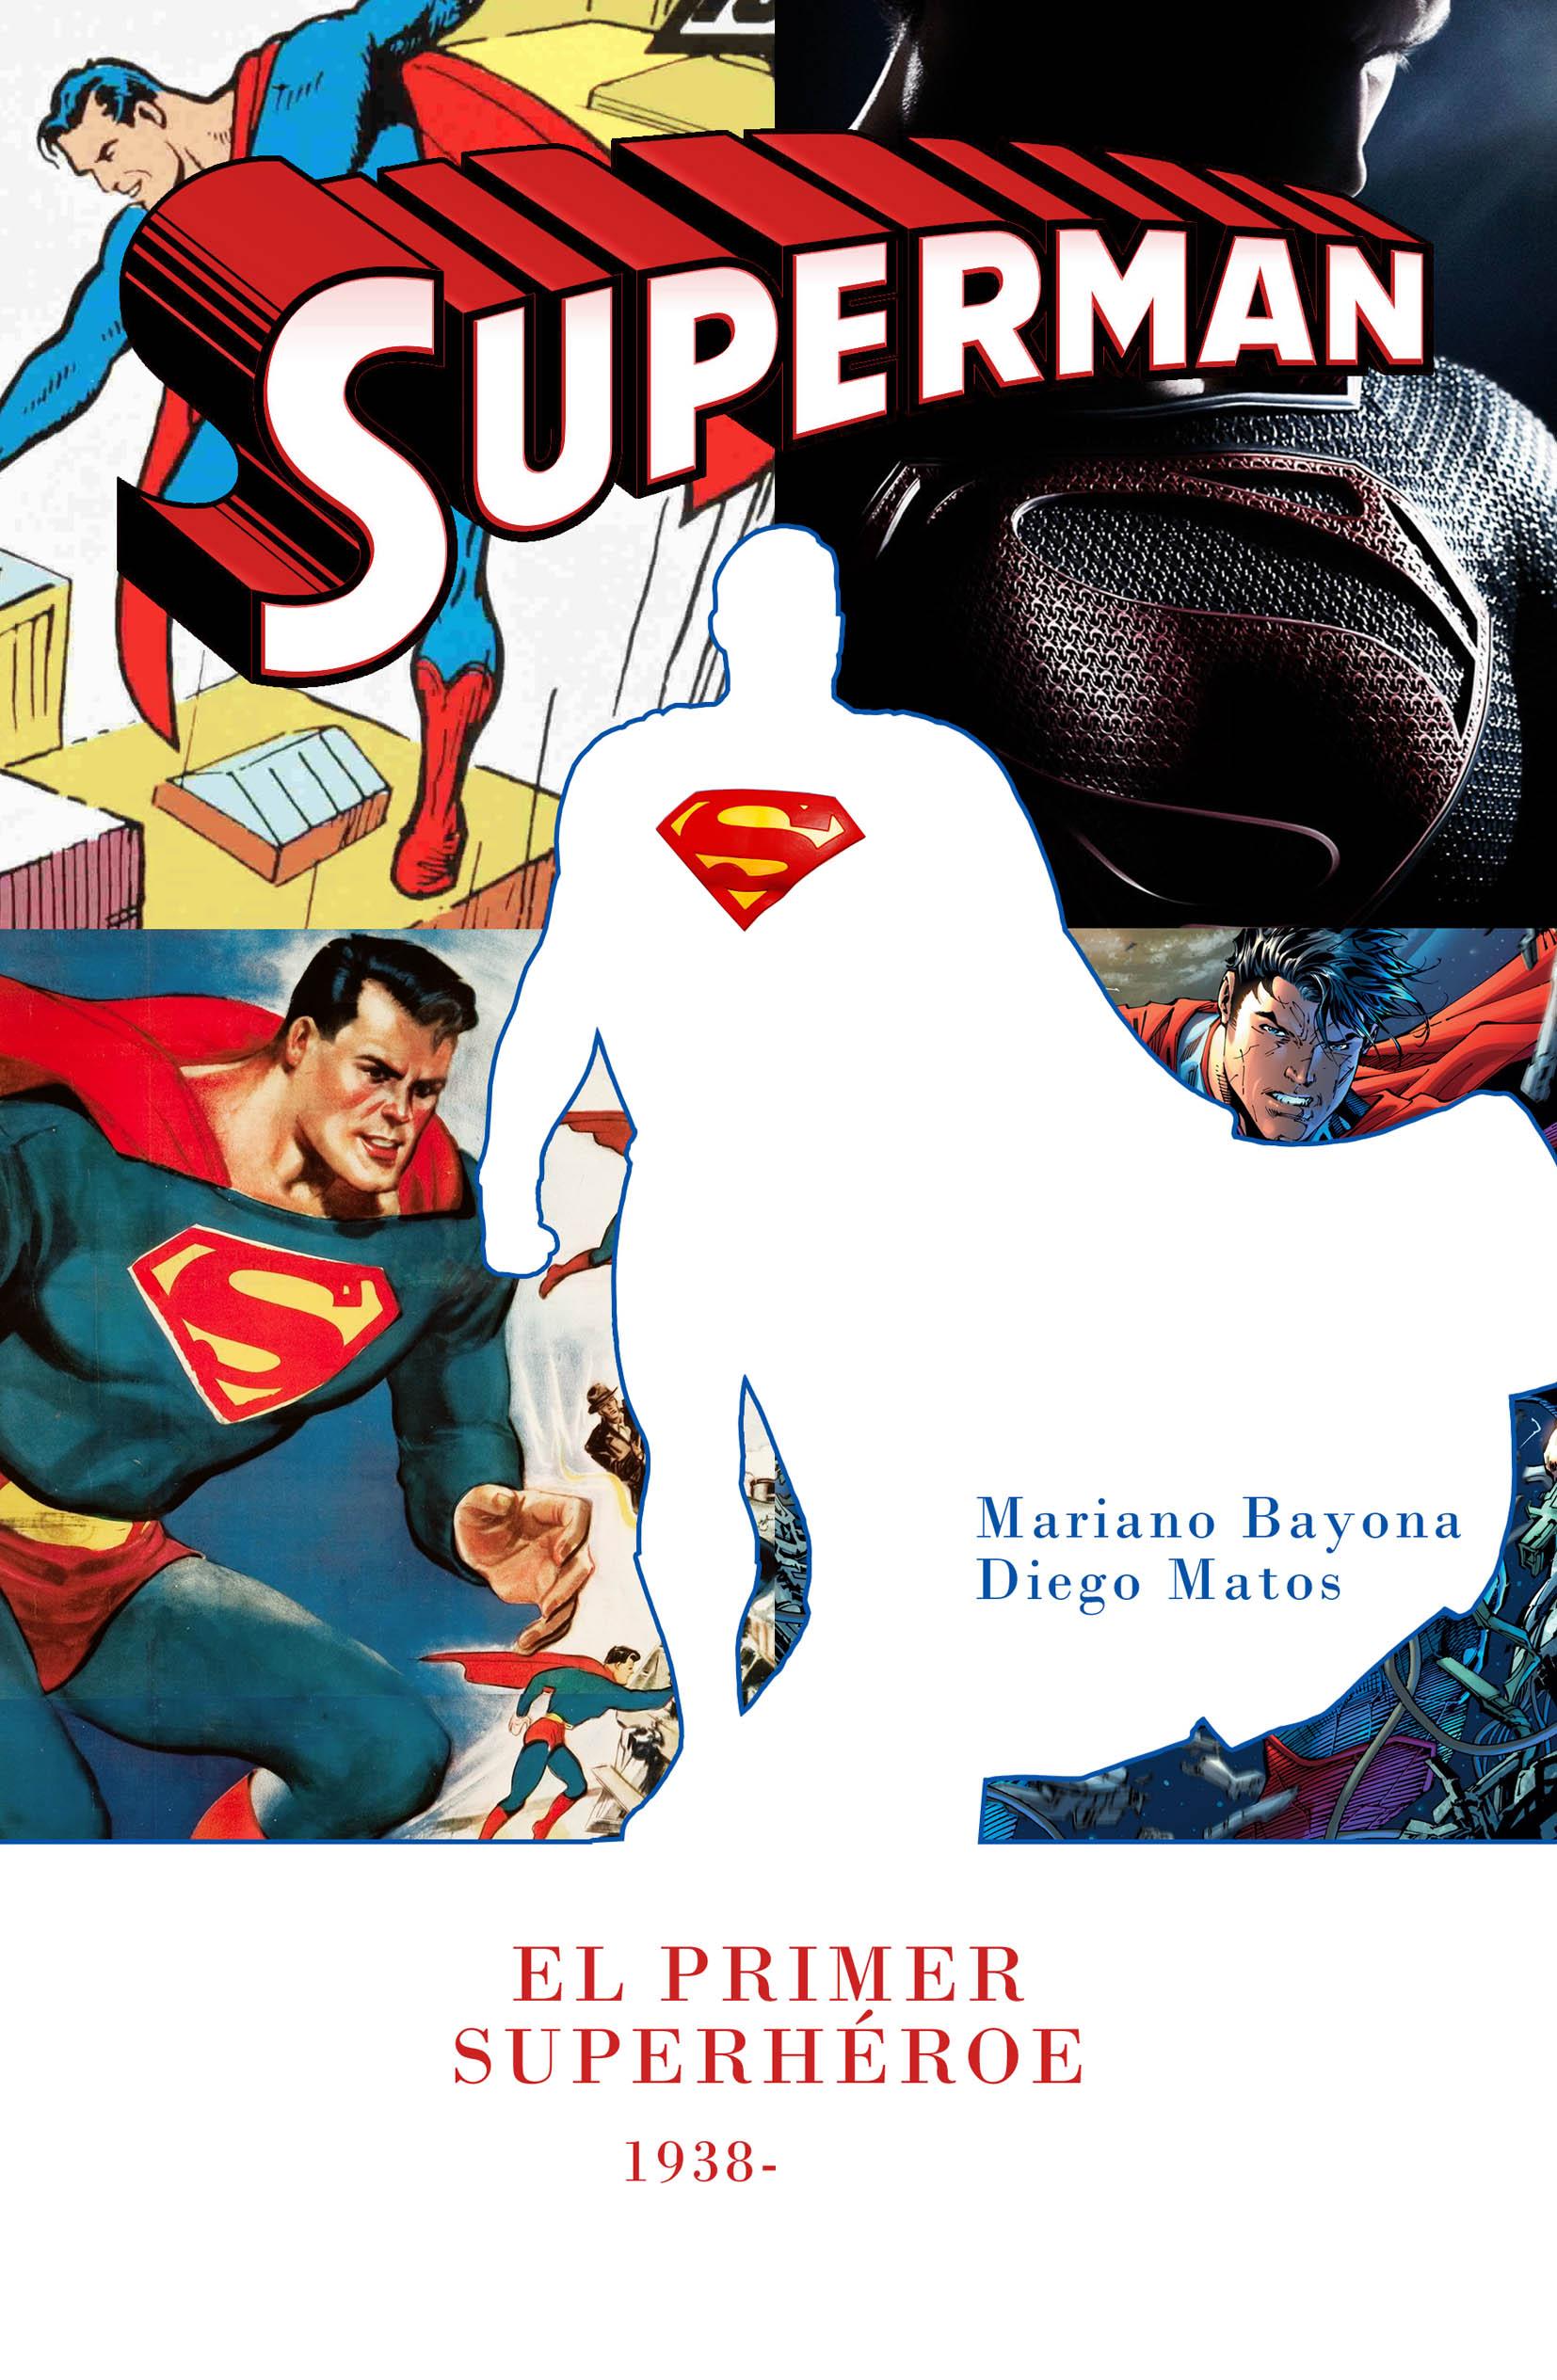 [Comics] Siguen las adquisiciones 2015 - Página 5 Superman-PORTADA